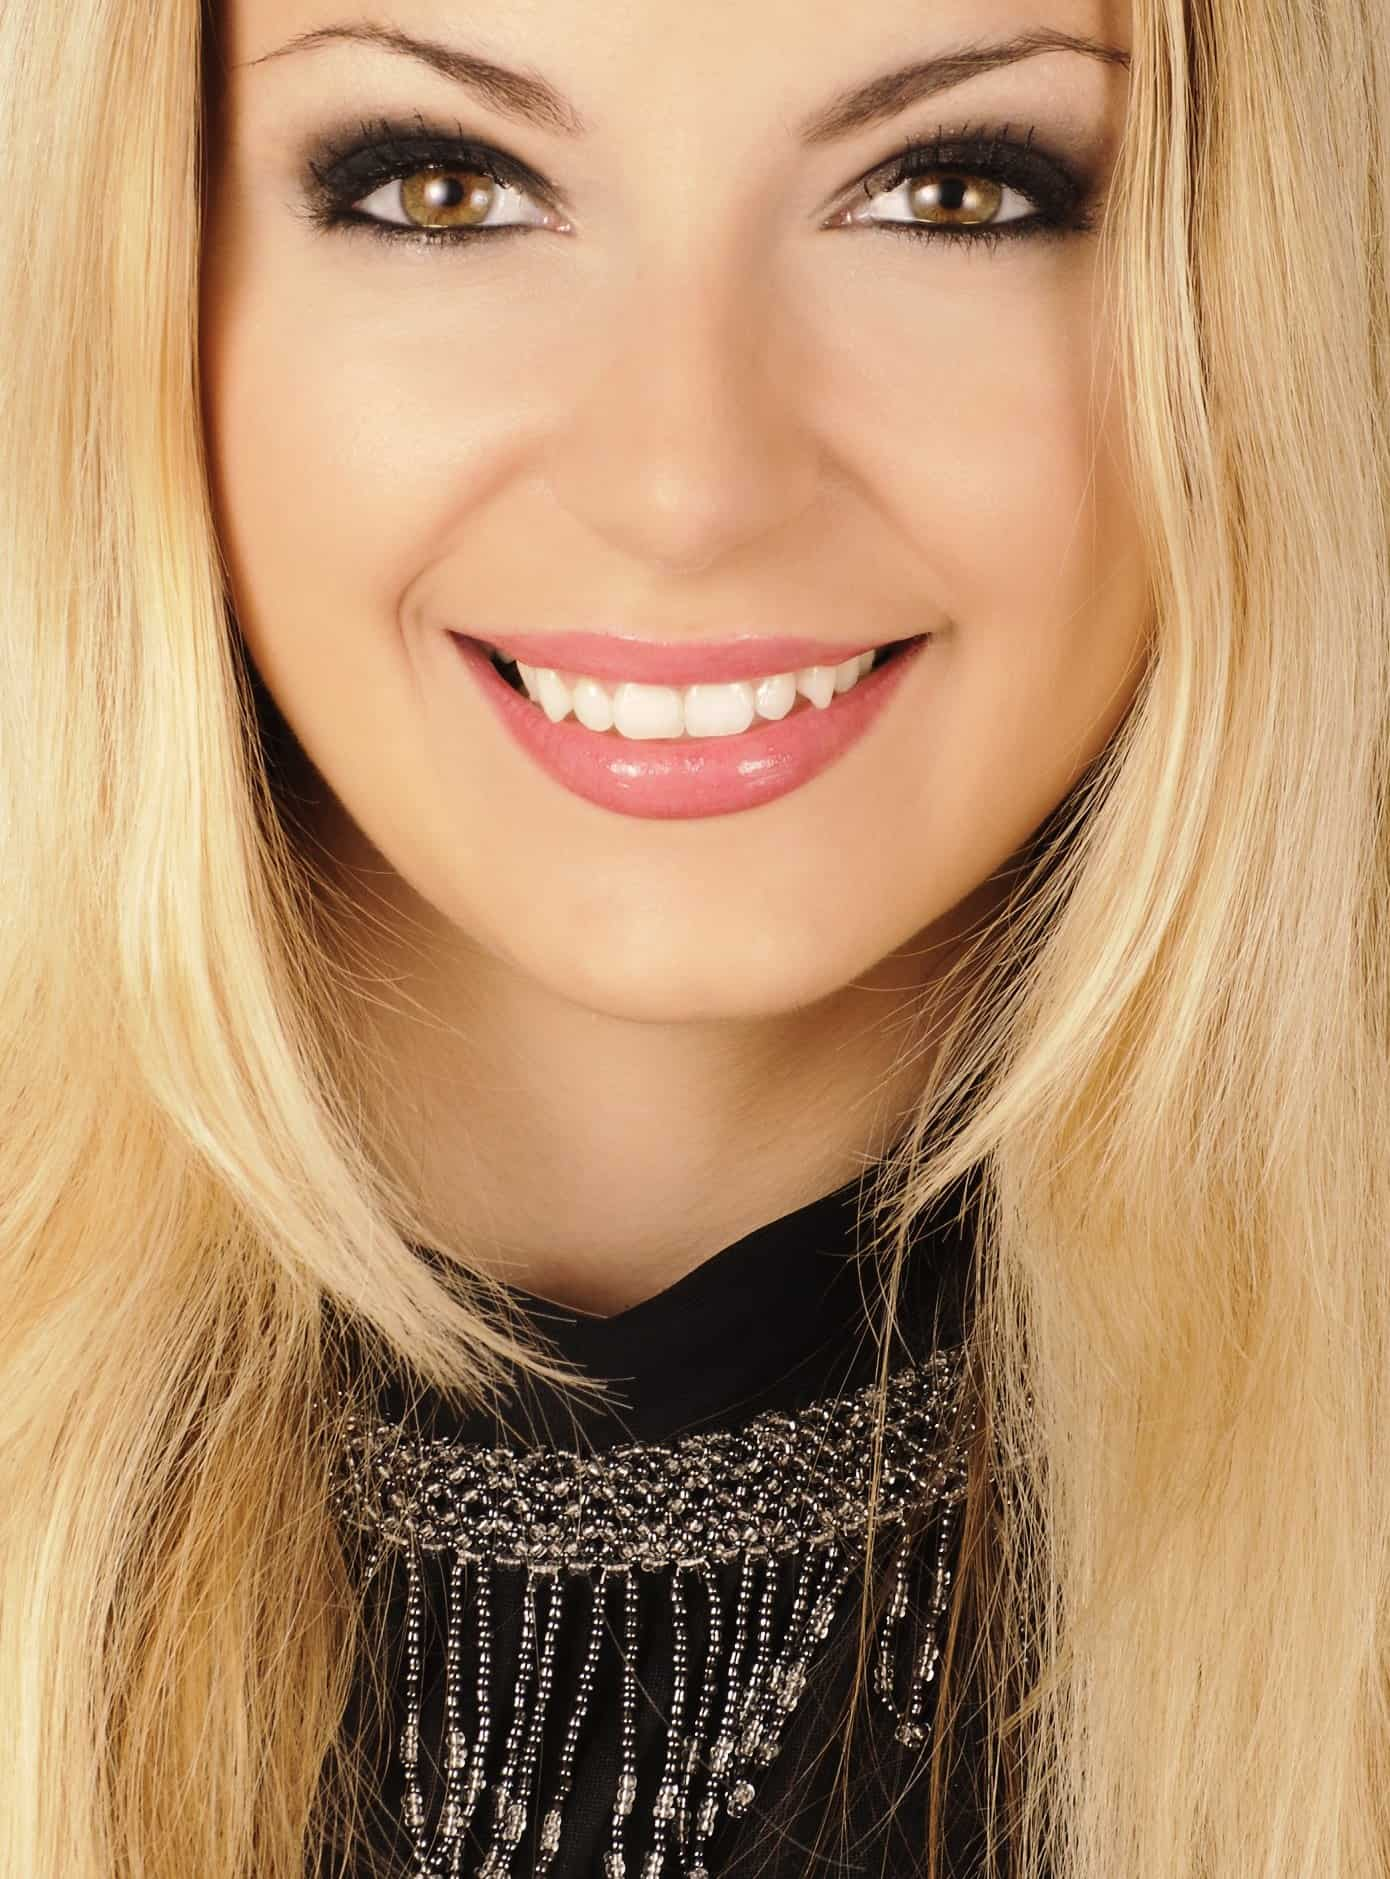 Image Libre Cheveux Blonds Magnifique Femme Glamour